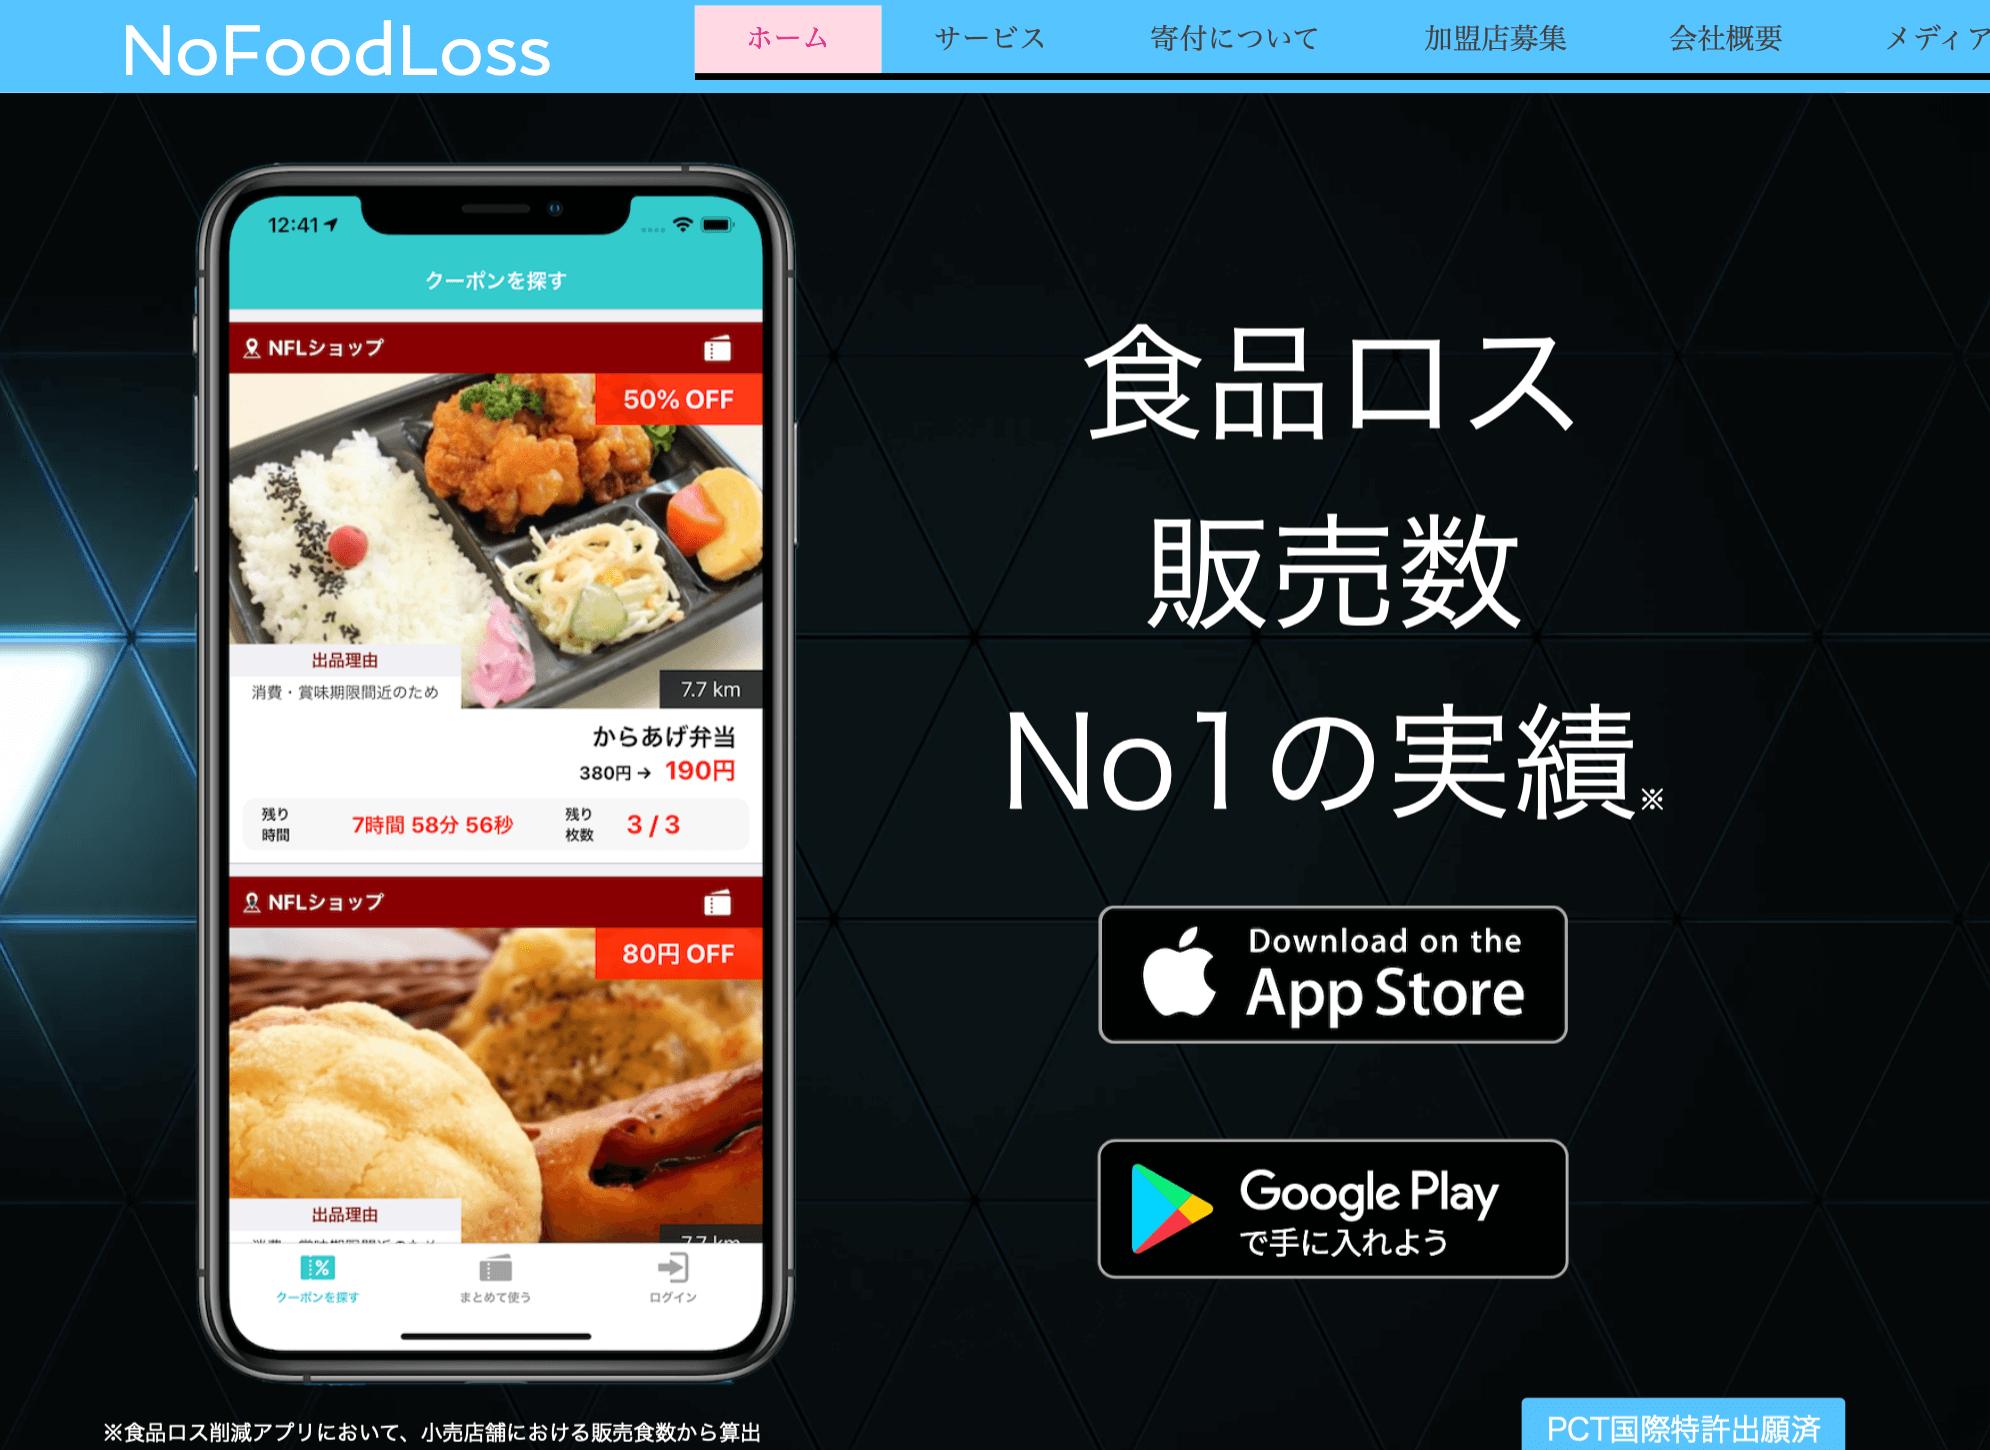 No Food Loss 公式①